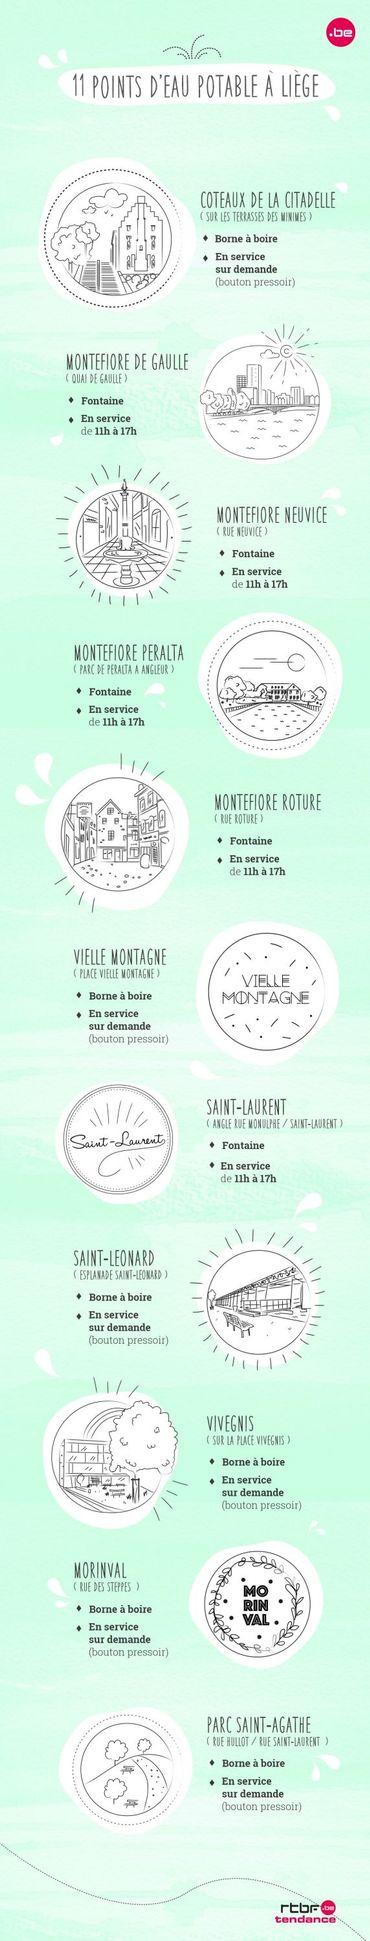 La liste des 11 points d'eau potable de Liège, bon à savoir si vous vous lancer à la découverte de la principauté !